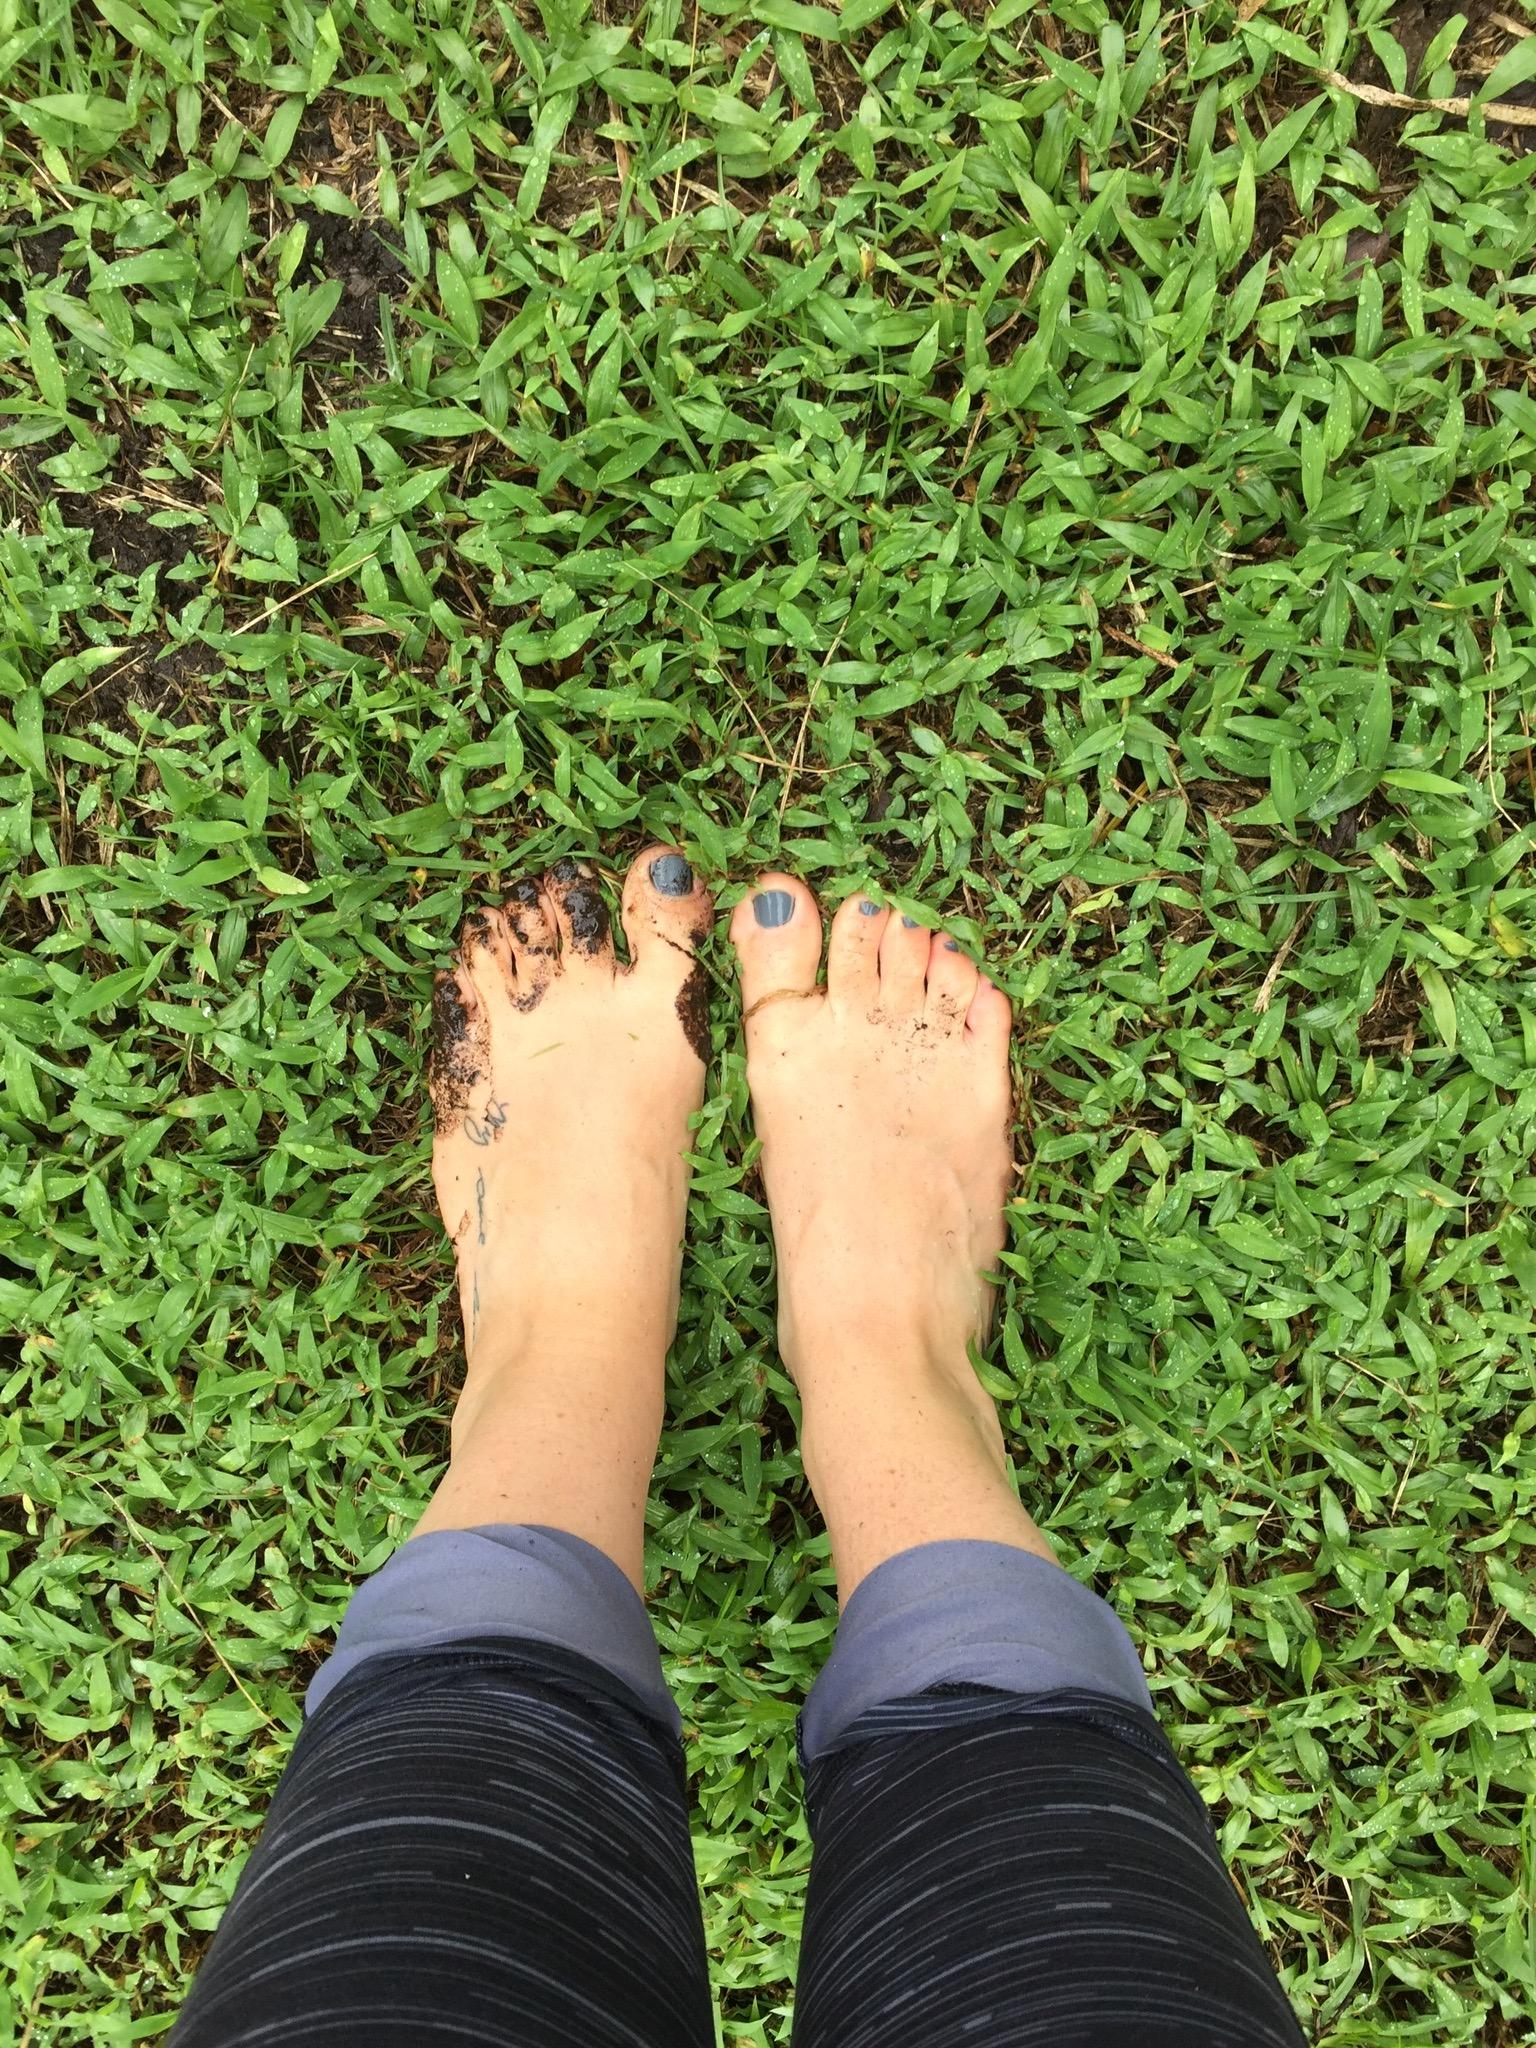 Walking barefoot.